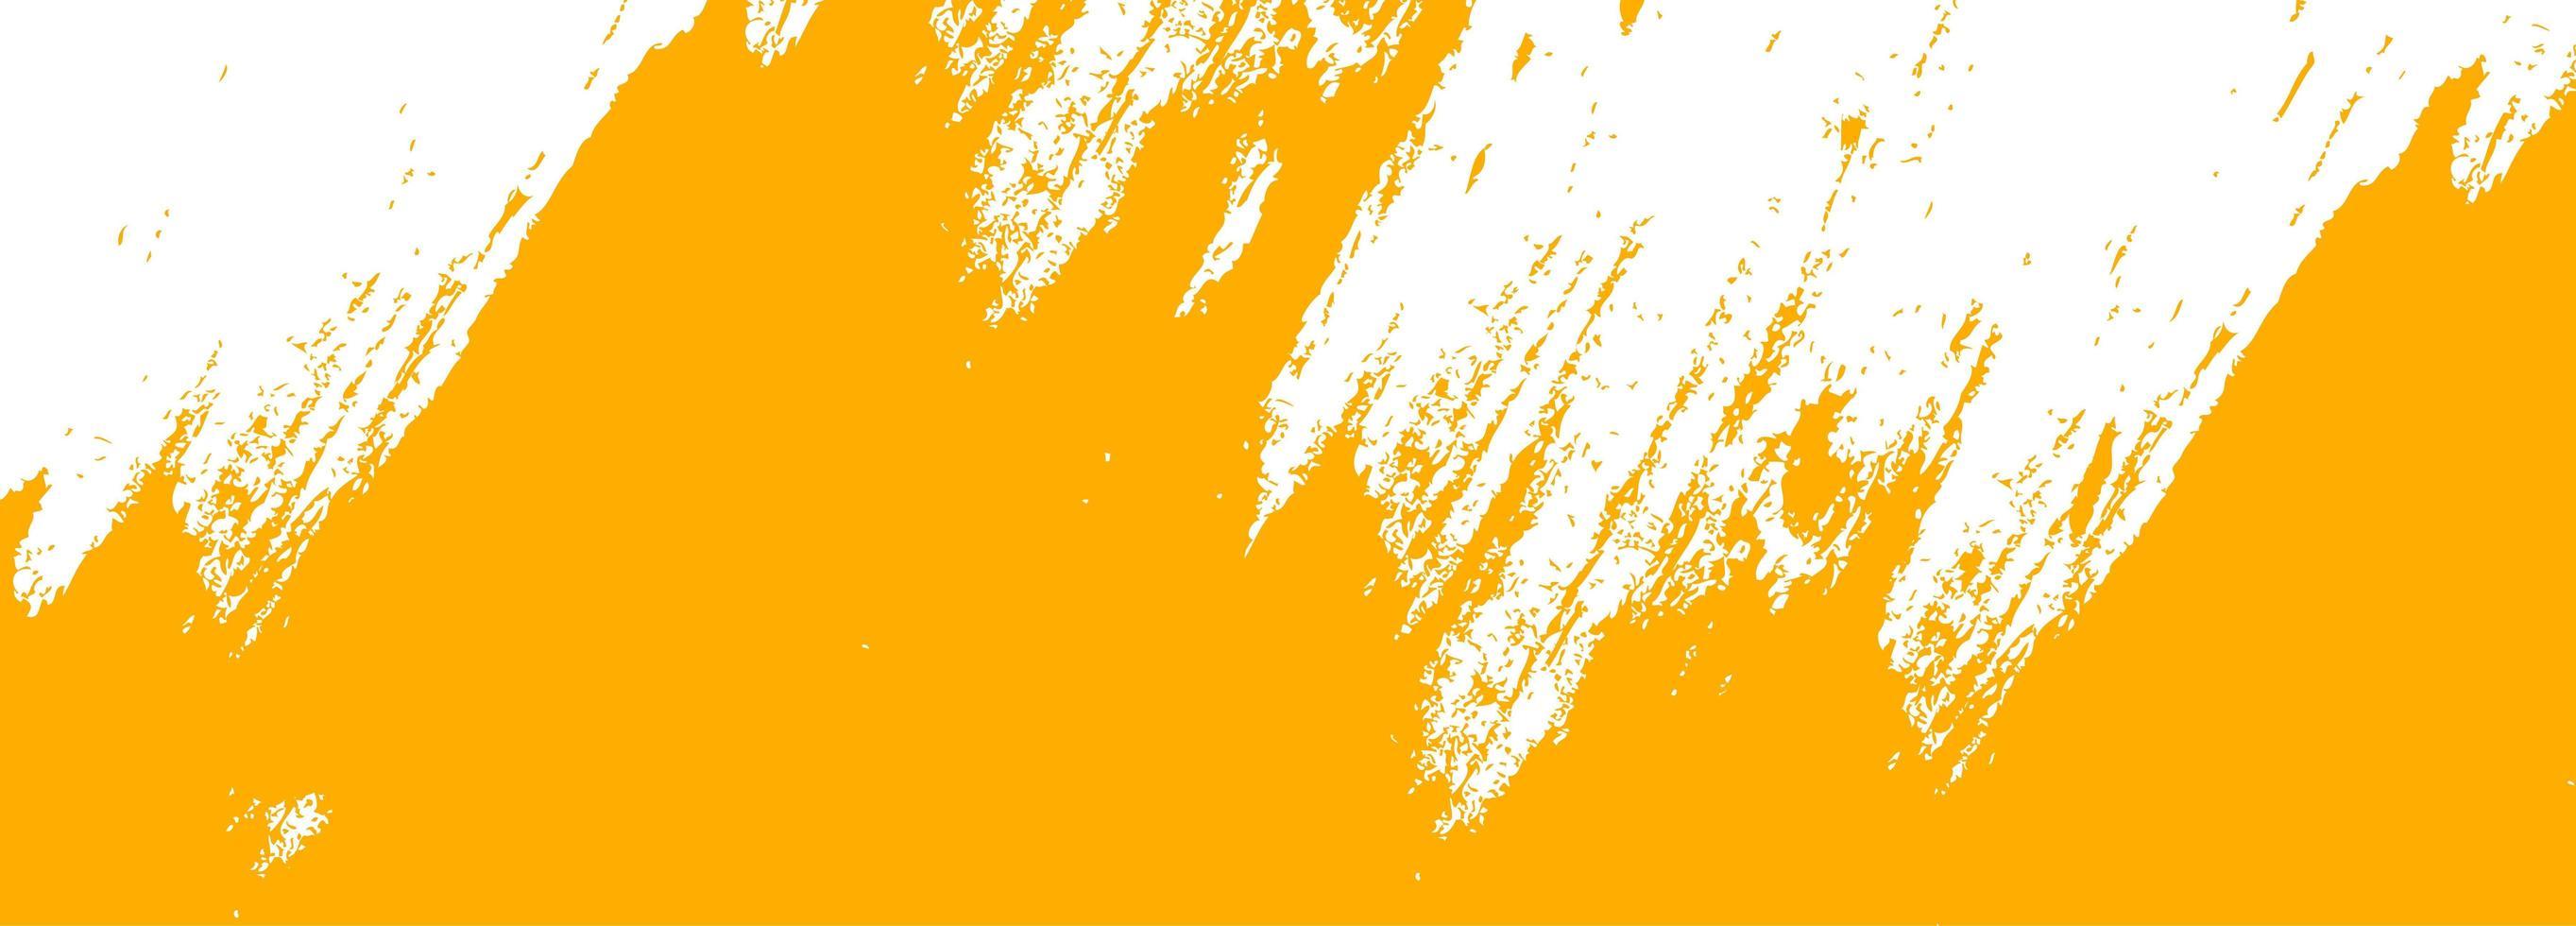 disegno astratto dell'insegna dell'acquerello della spazzola arancio vettore